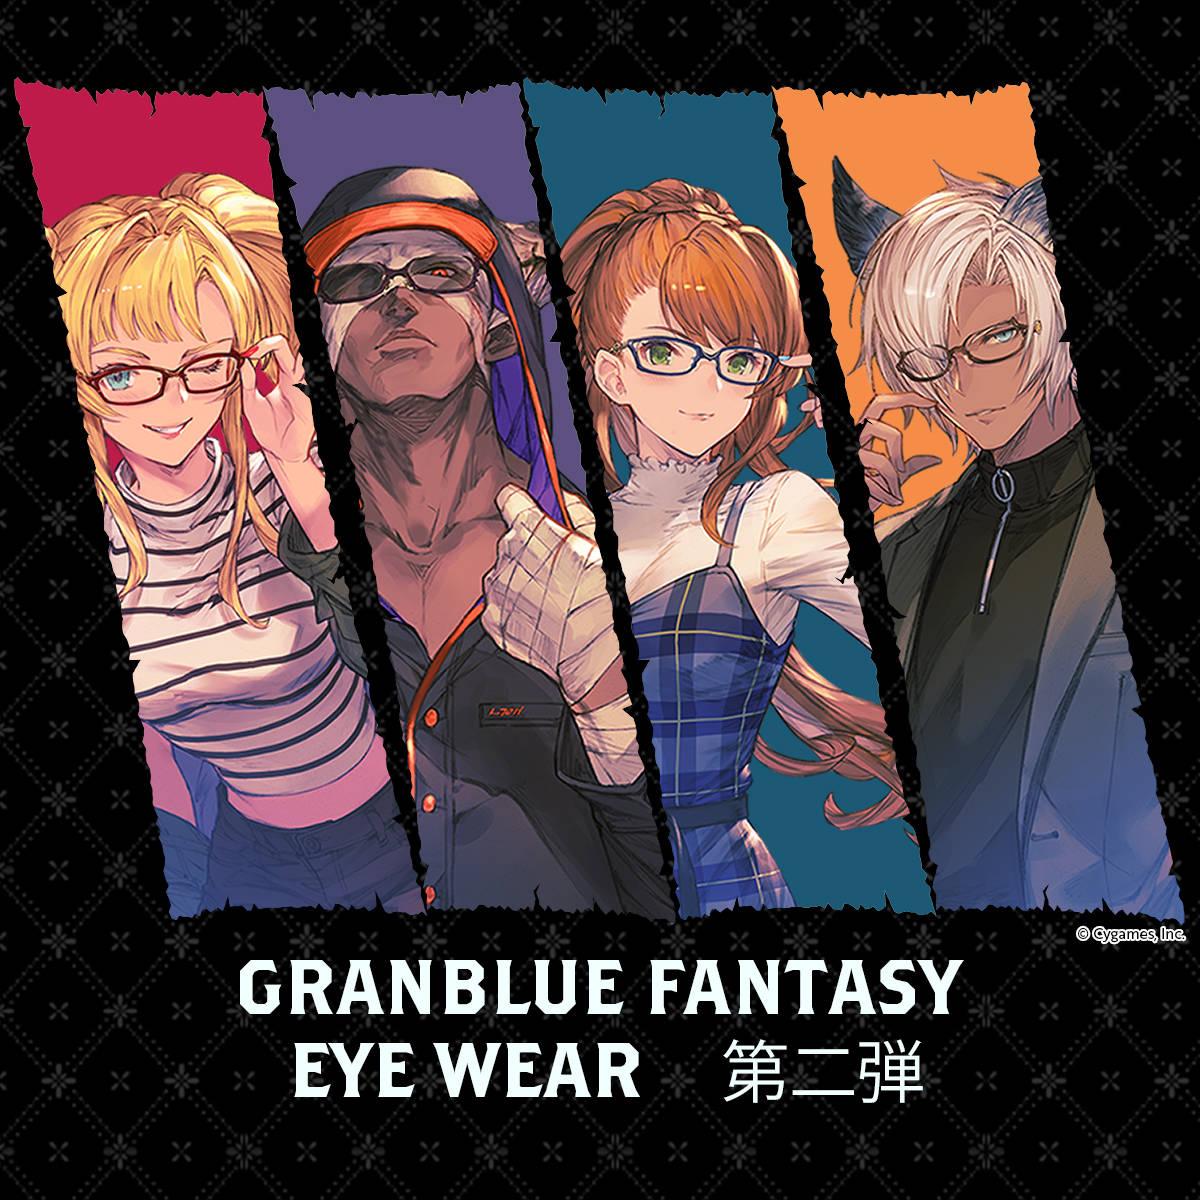 グランブルーファンタジー_コラボ眼鏡1